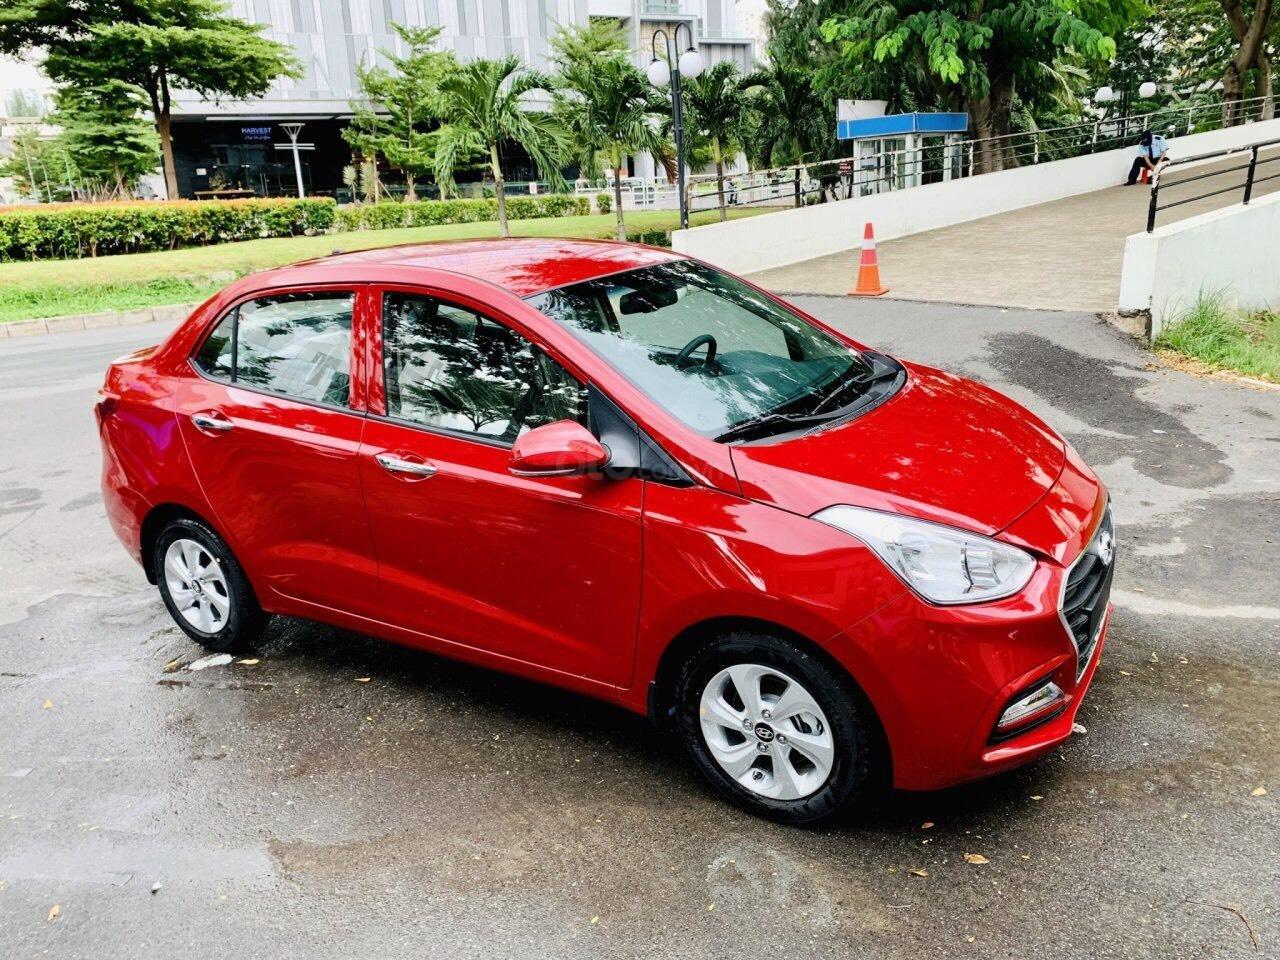 Hyundai Grand i10 giá tốt, góp 90%, hỗ trợ Grab 5 triệu tiền mặt, tặng phụ kiện giá trị thật (5)